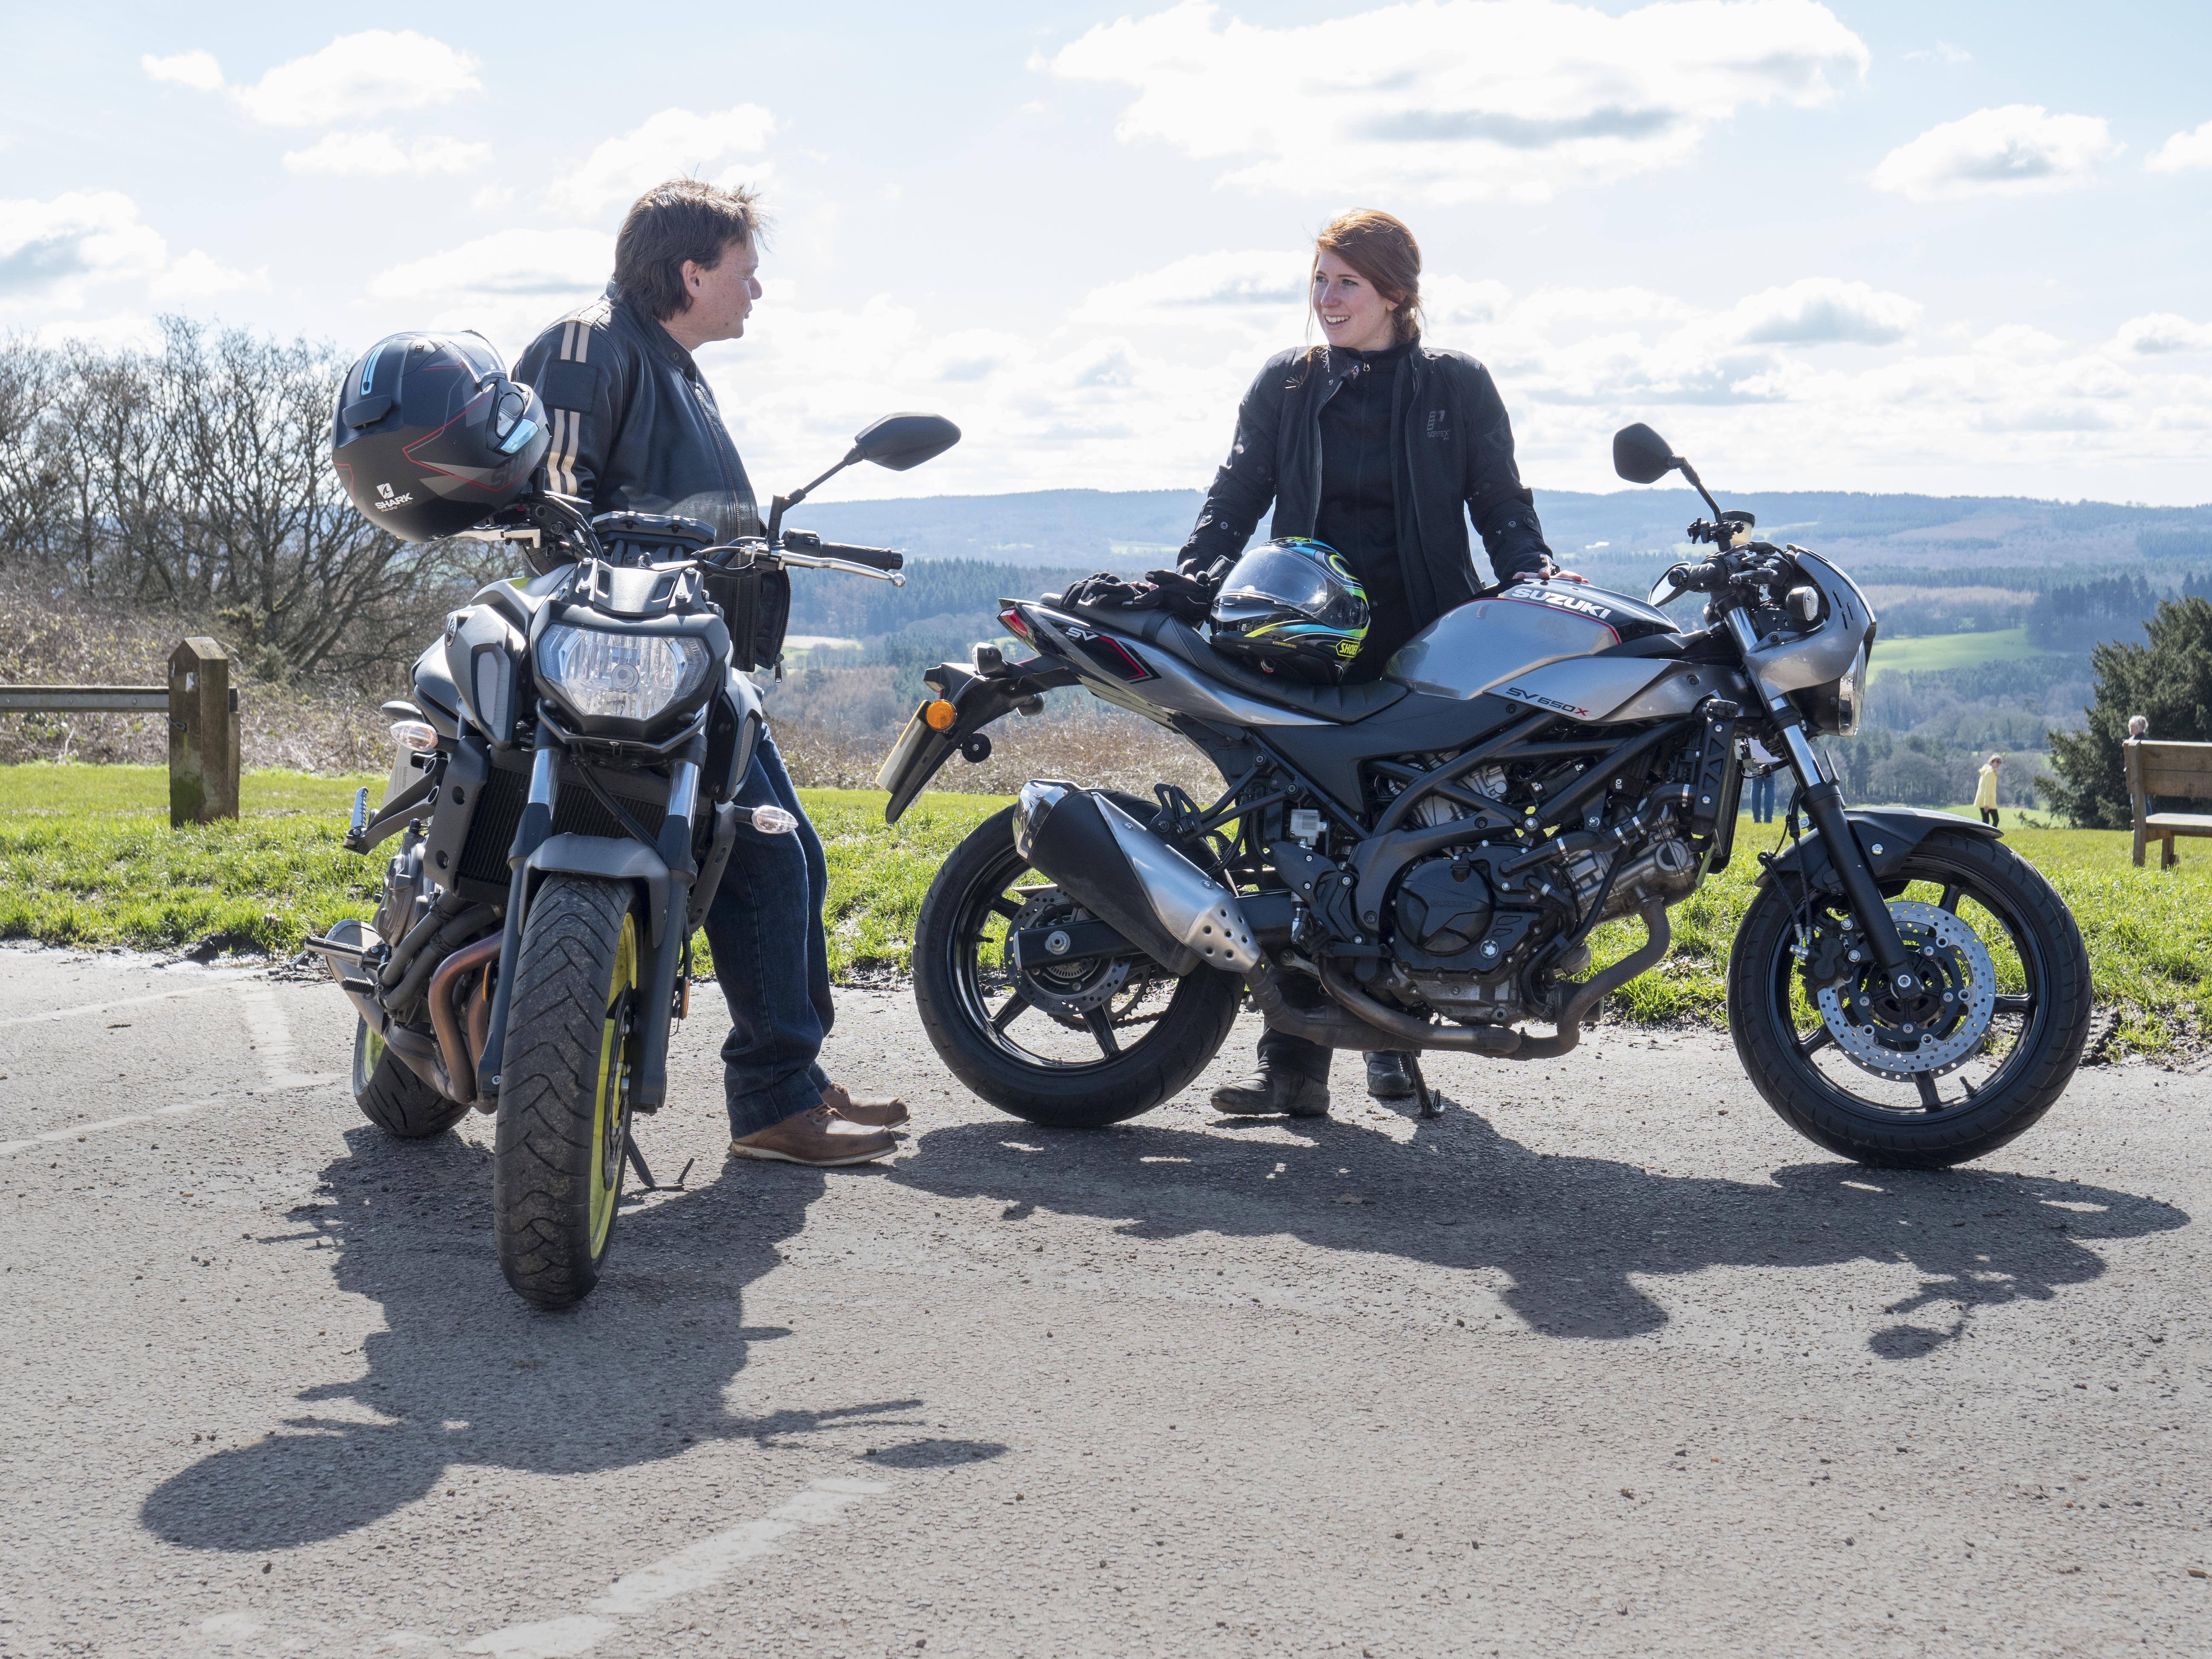 New bike test: Yamaha MT-07 v Suzuki SV650X   Visordown